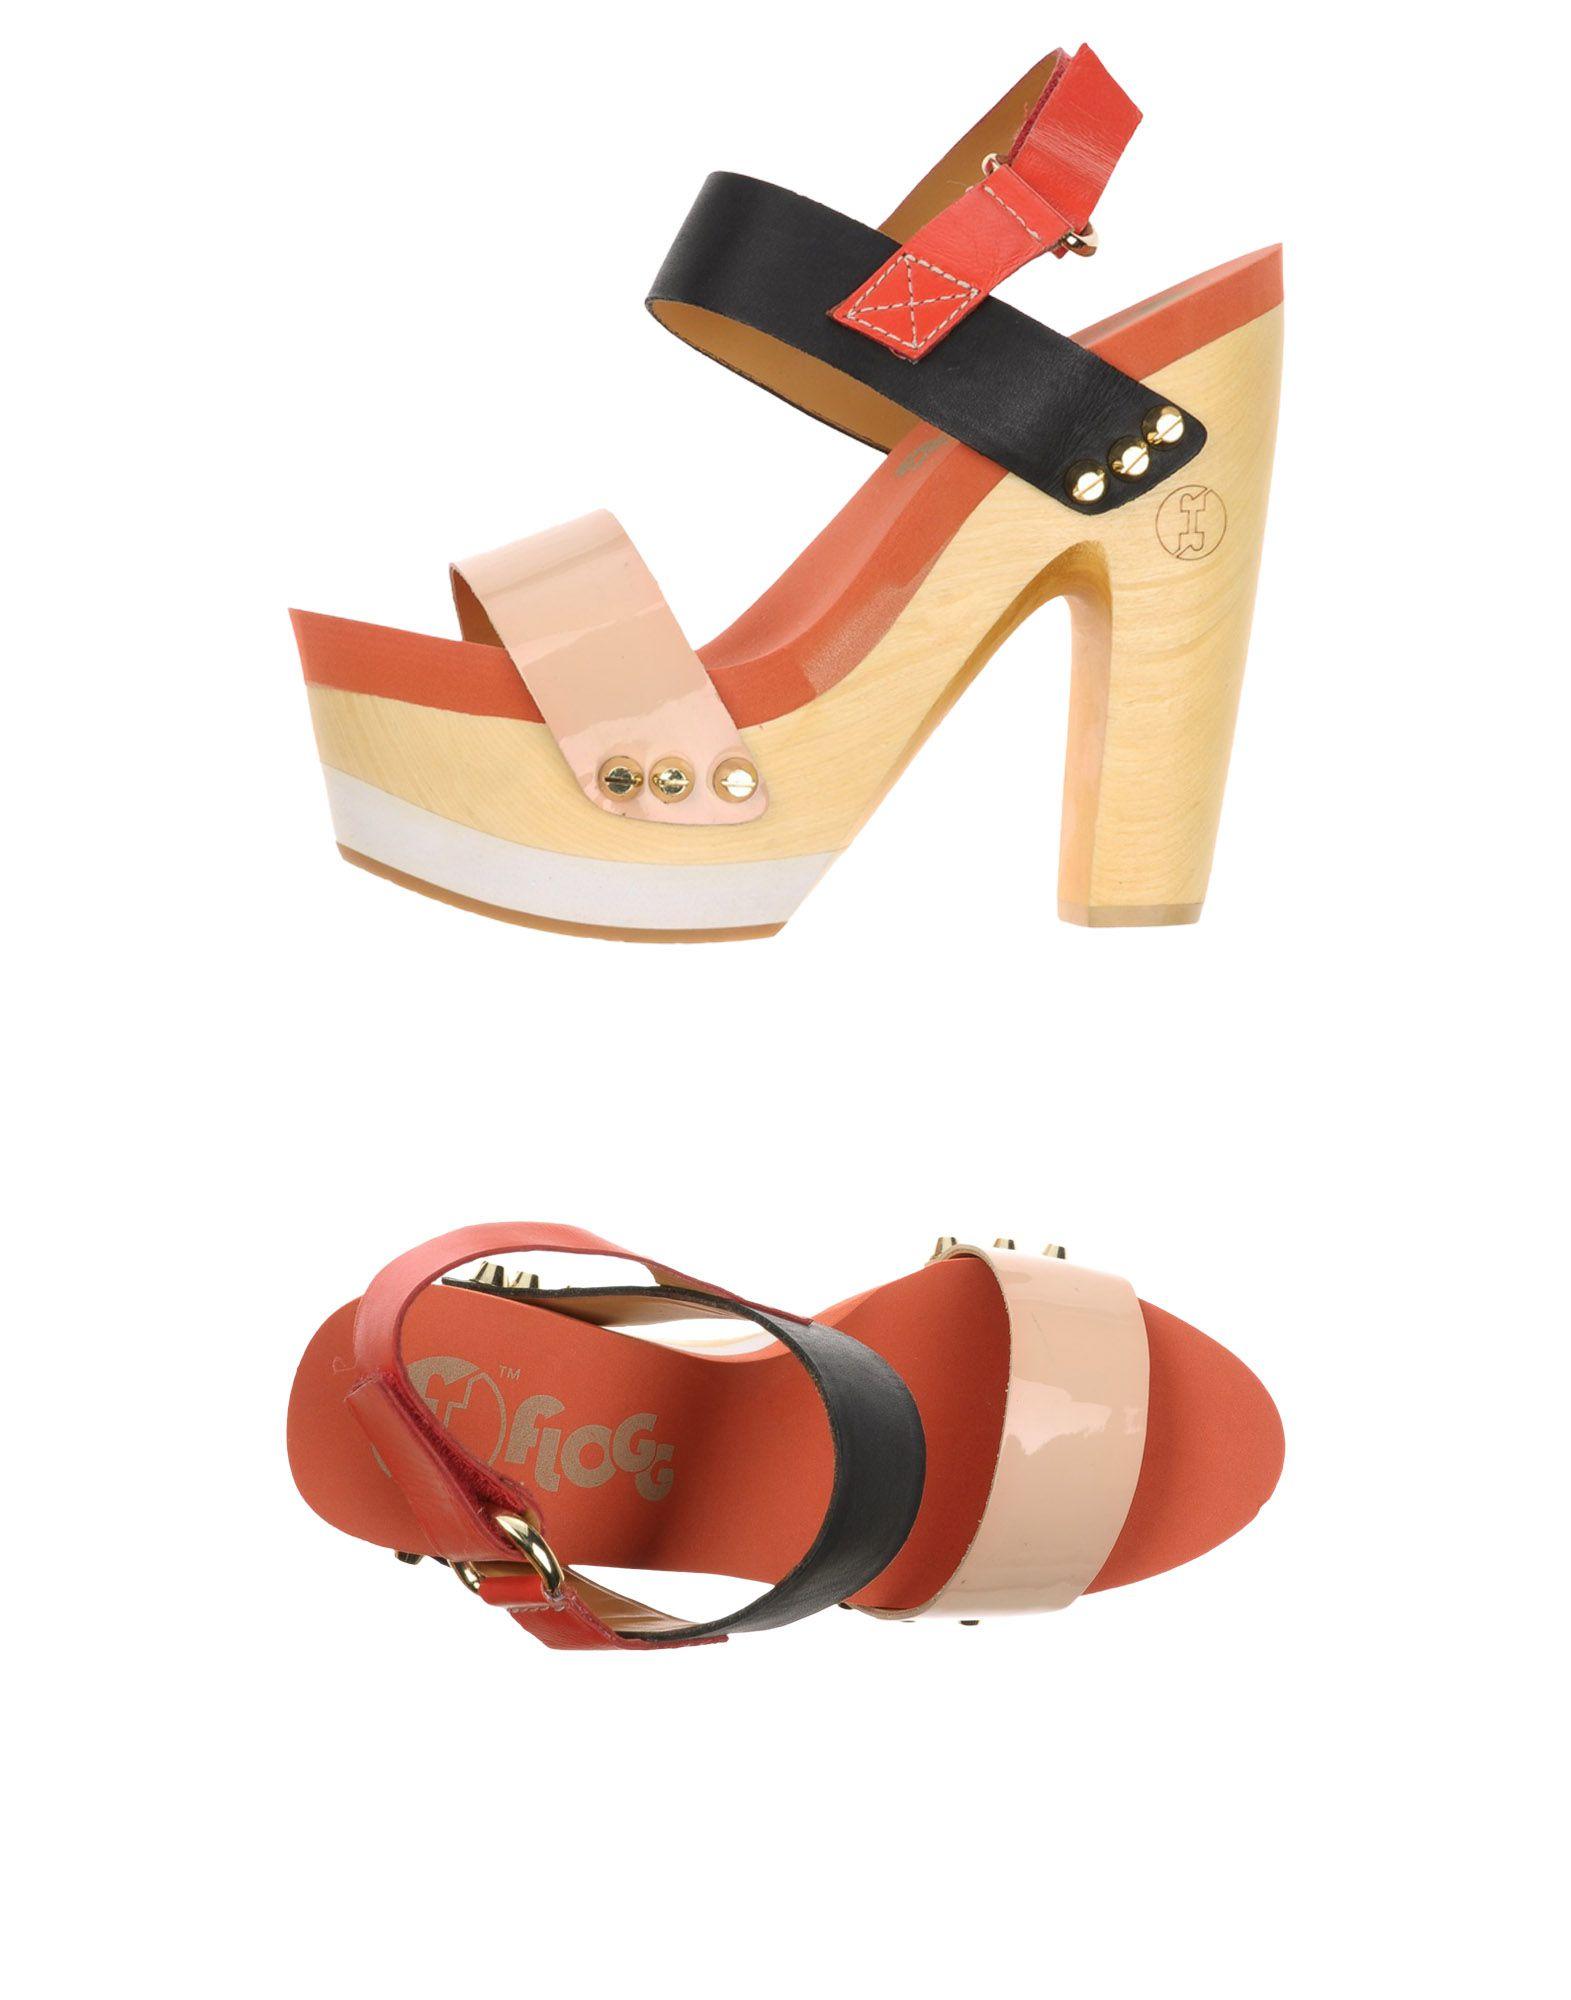 Flogg Sandalen Damen  11364089KM Gute Qualität beliebte Schuhe